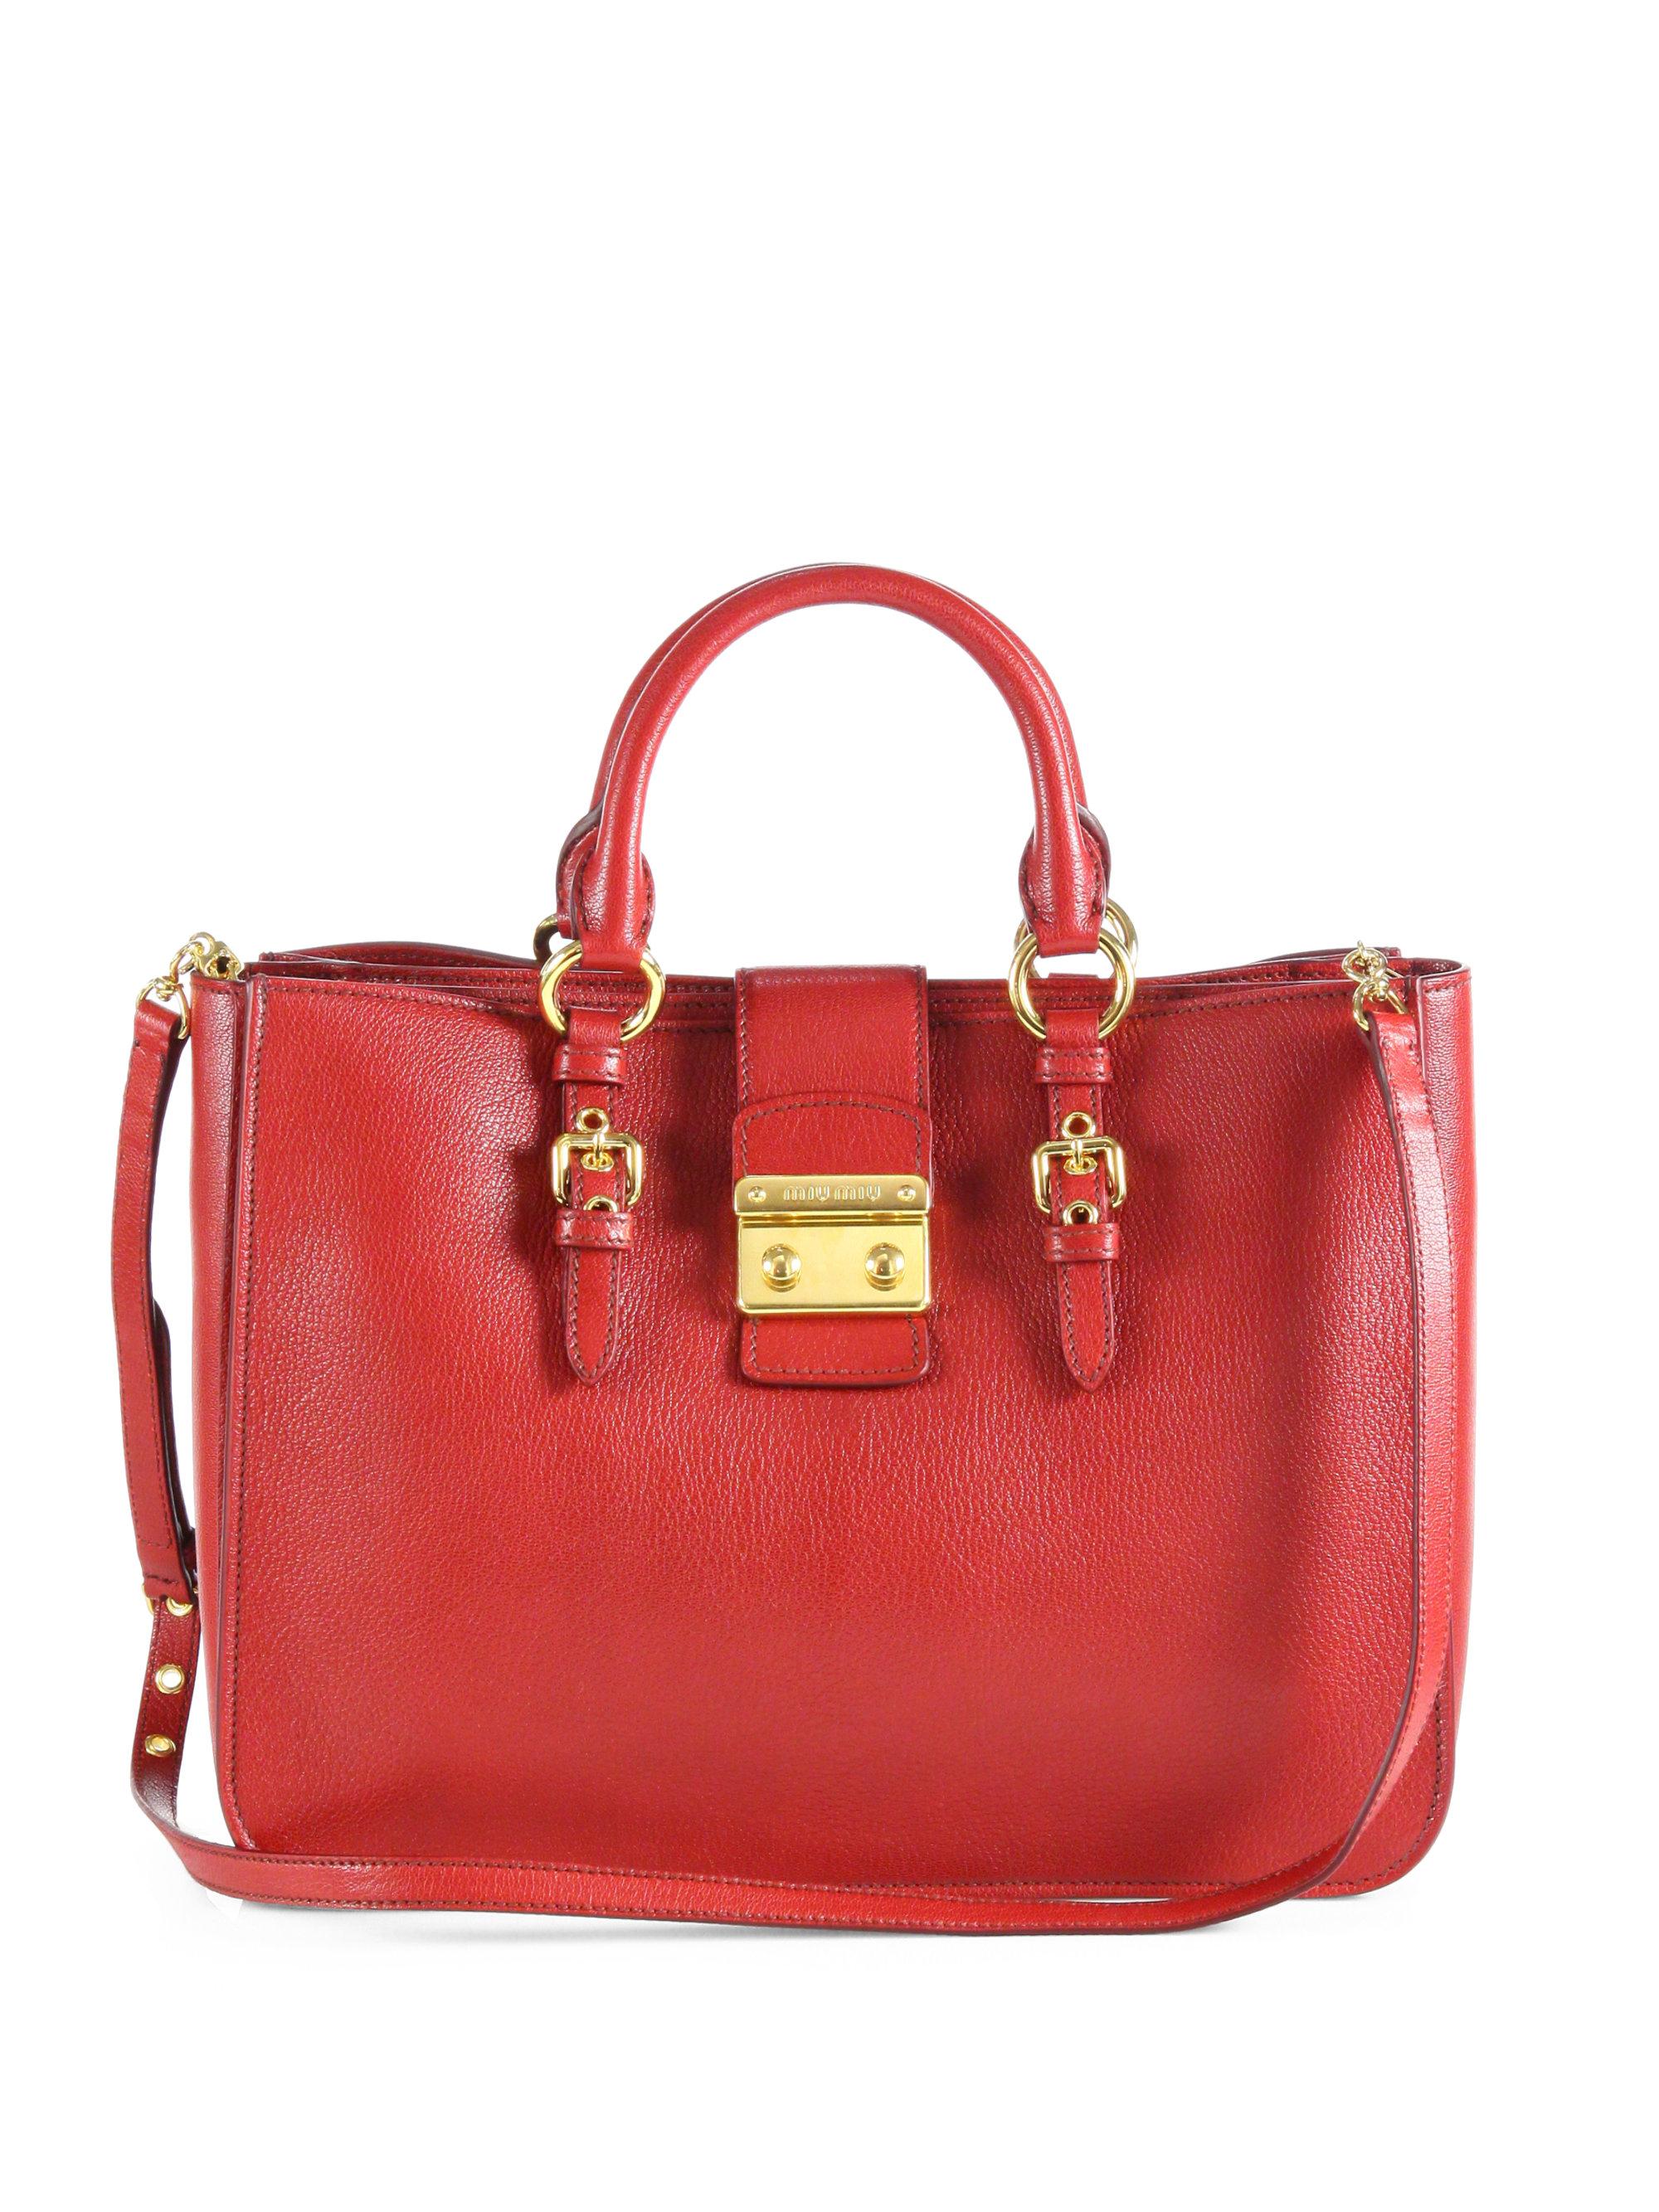 Miu miu Powder Ruched Leather Matelasse Top Handle Bag in Brown ... miu miu  outlet italy - Miu miu Madras Large Top Handle Bag in Red  a877c670f6dda